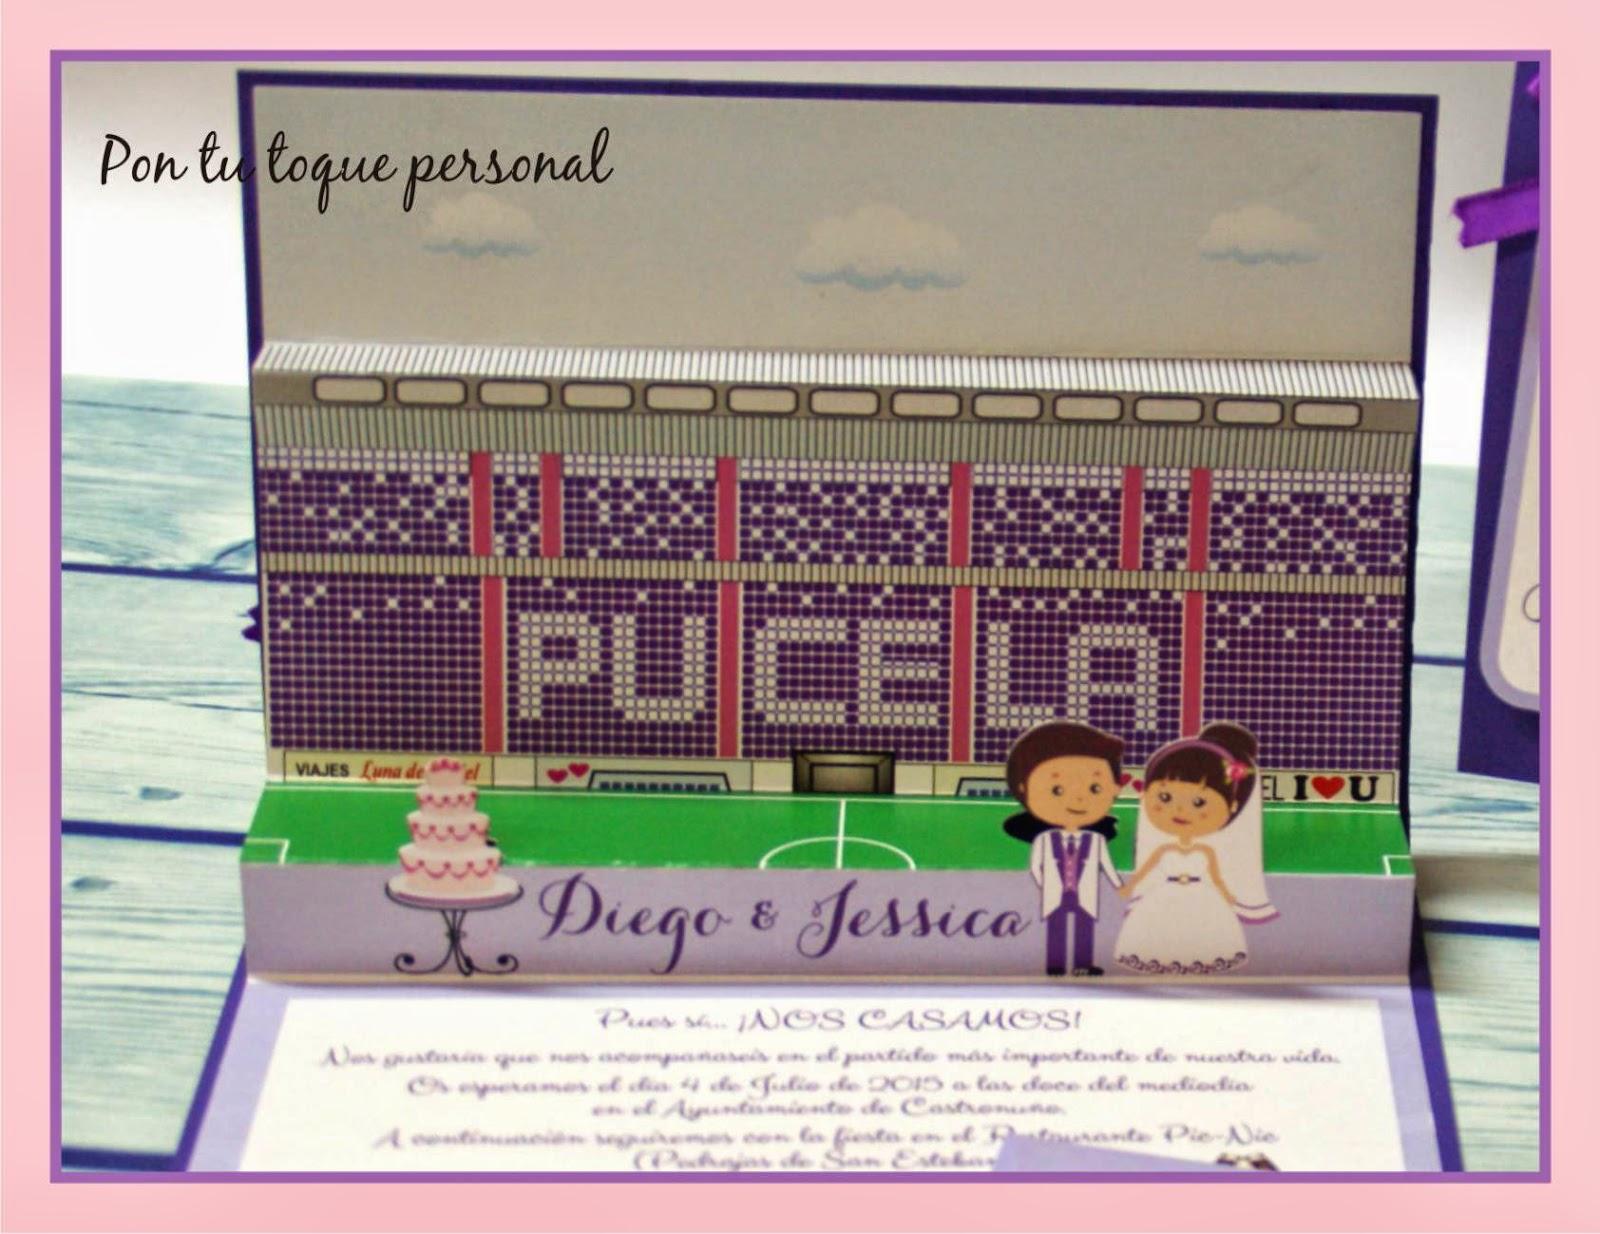 Invitacion de boda novios personalizados tipo cómic tema fútbol